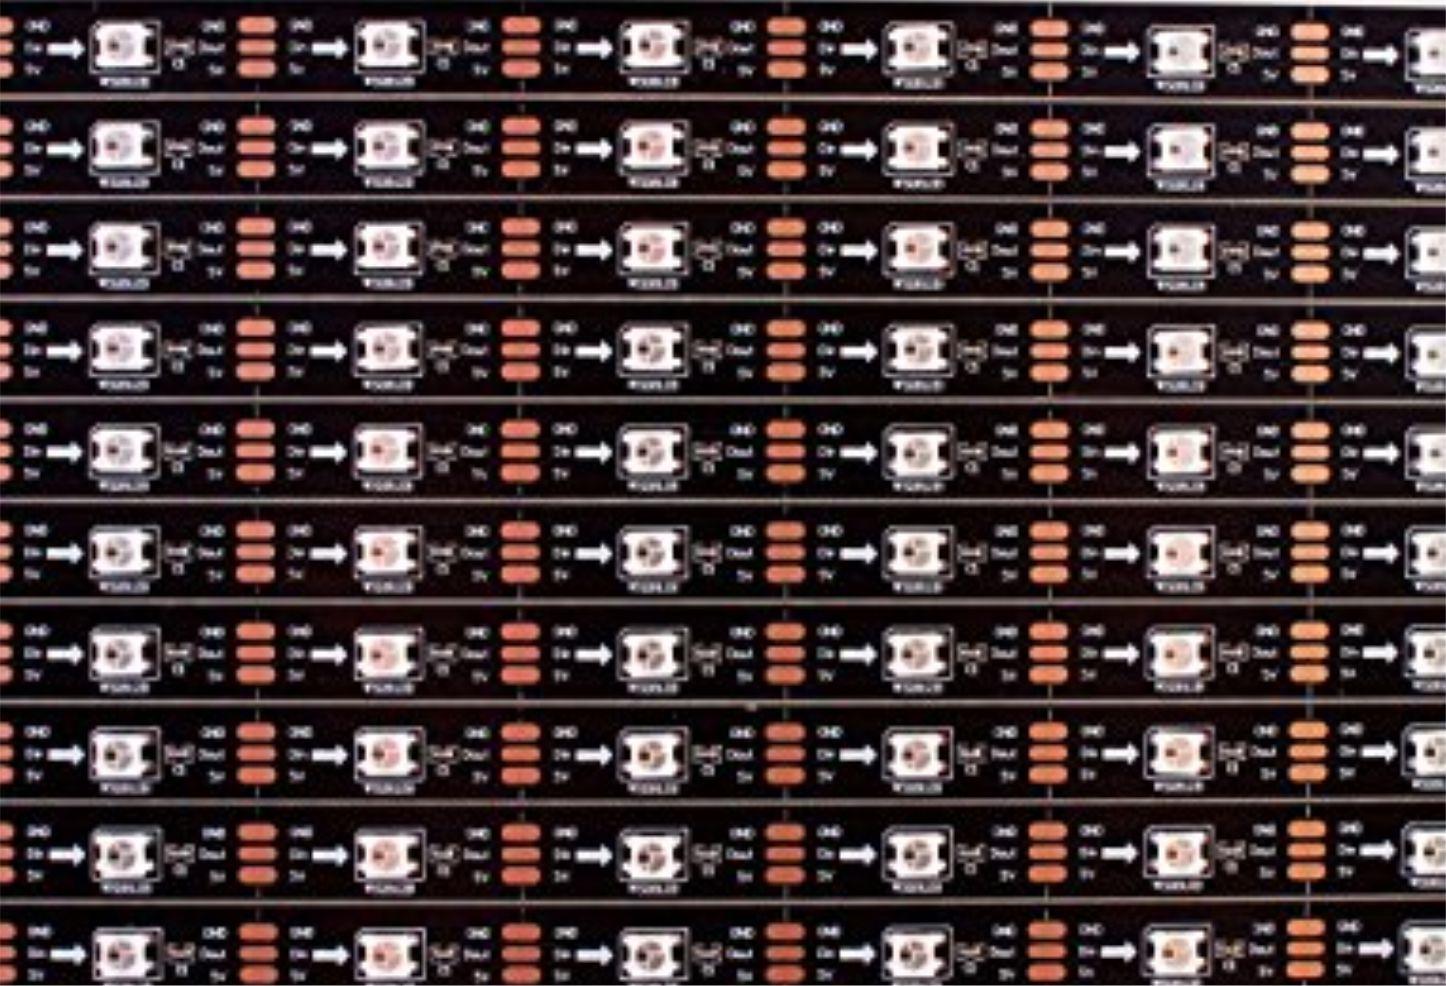 LED_ws2813 (4).jpg